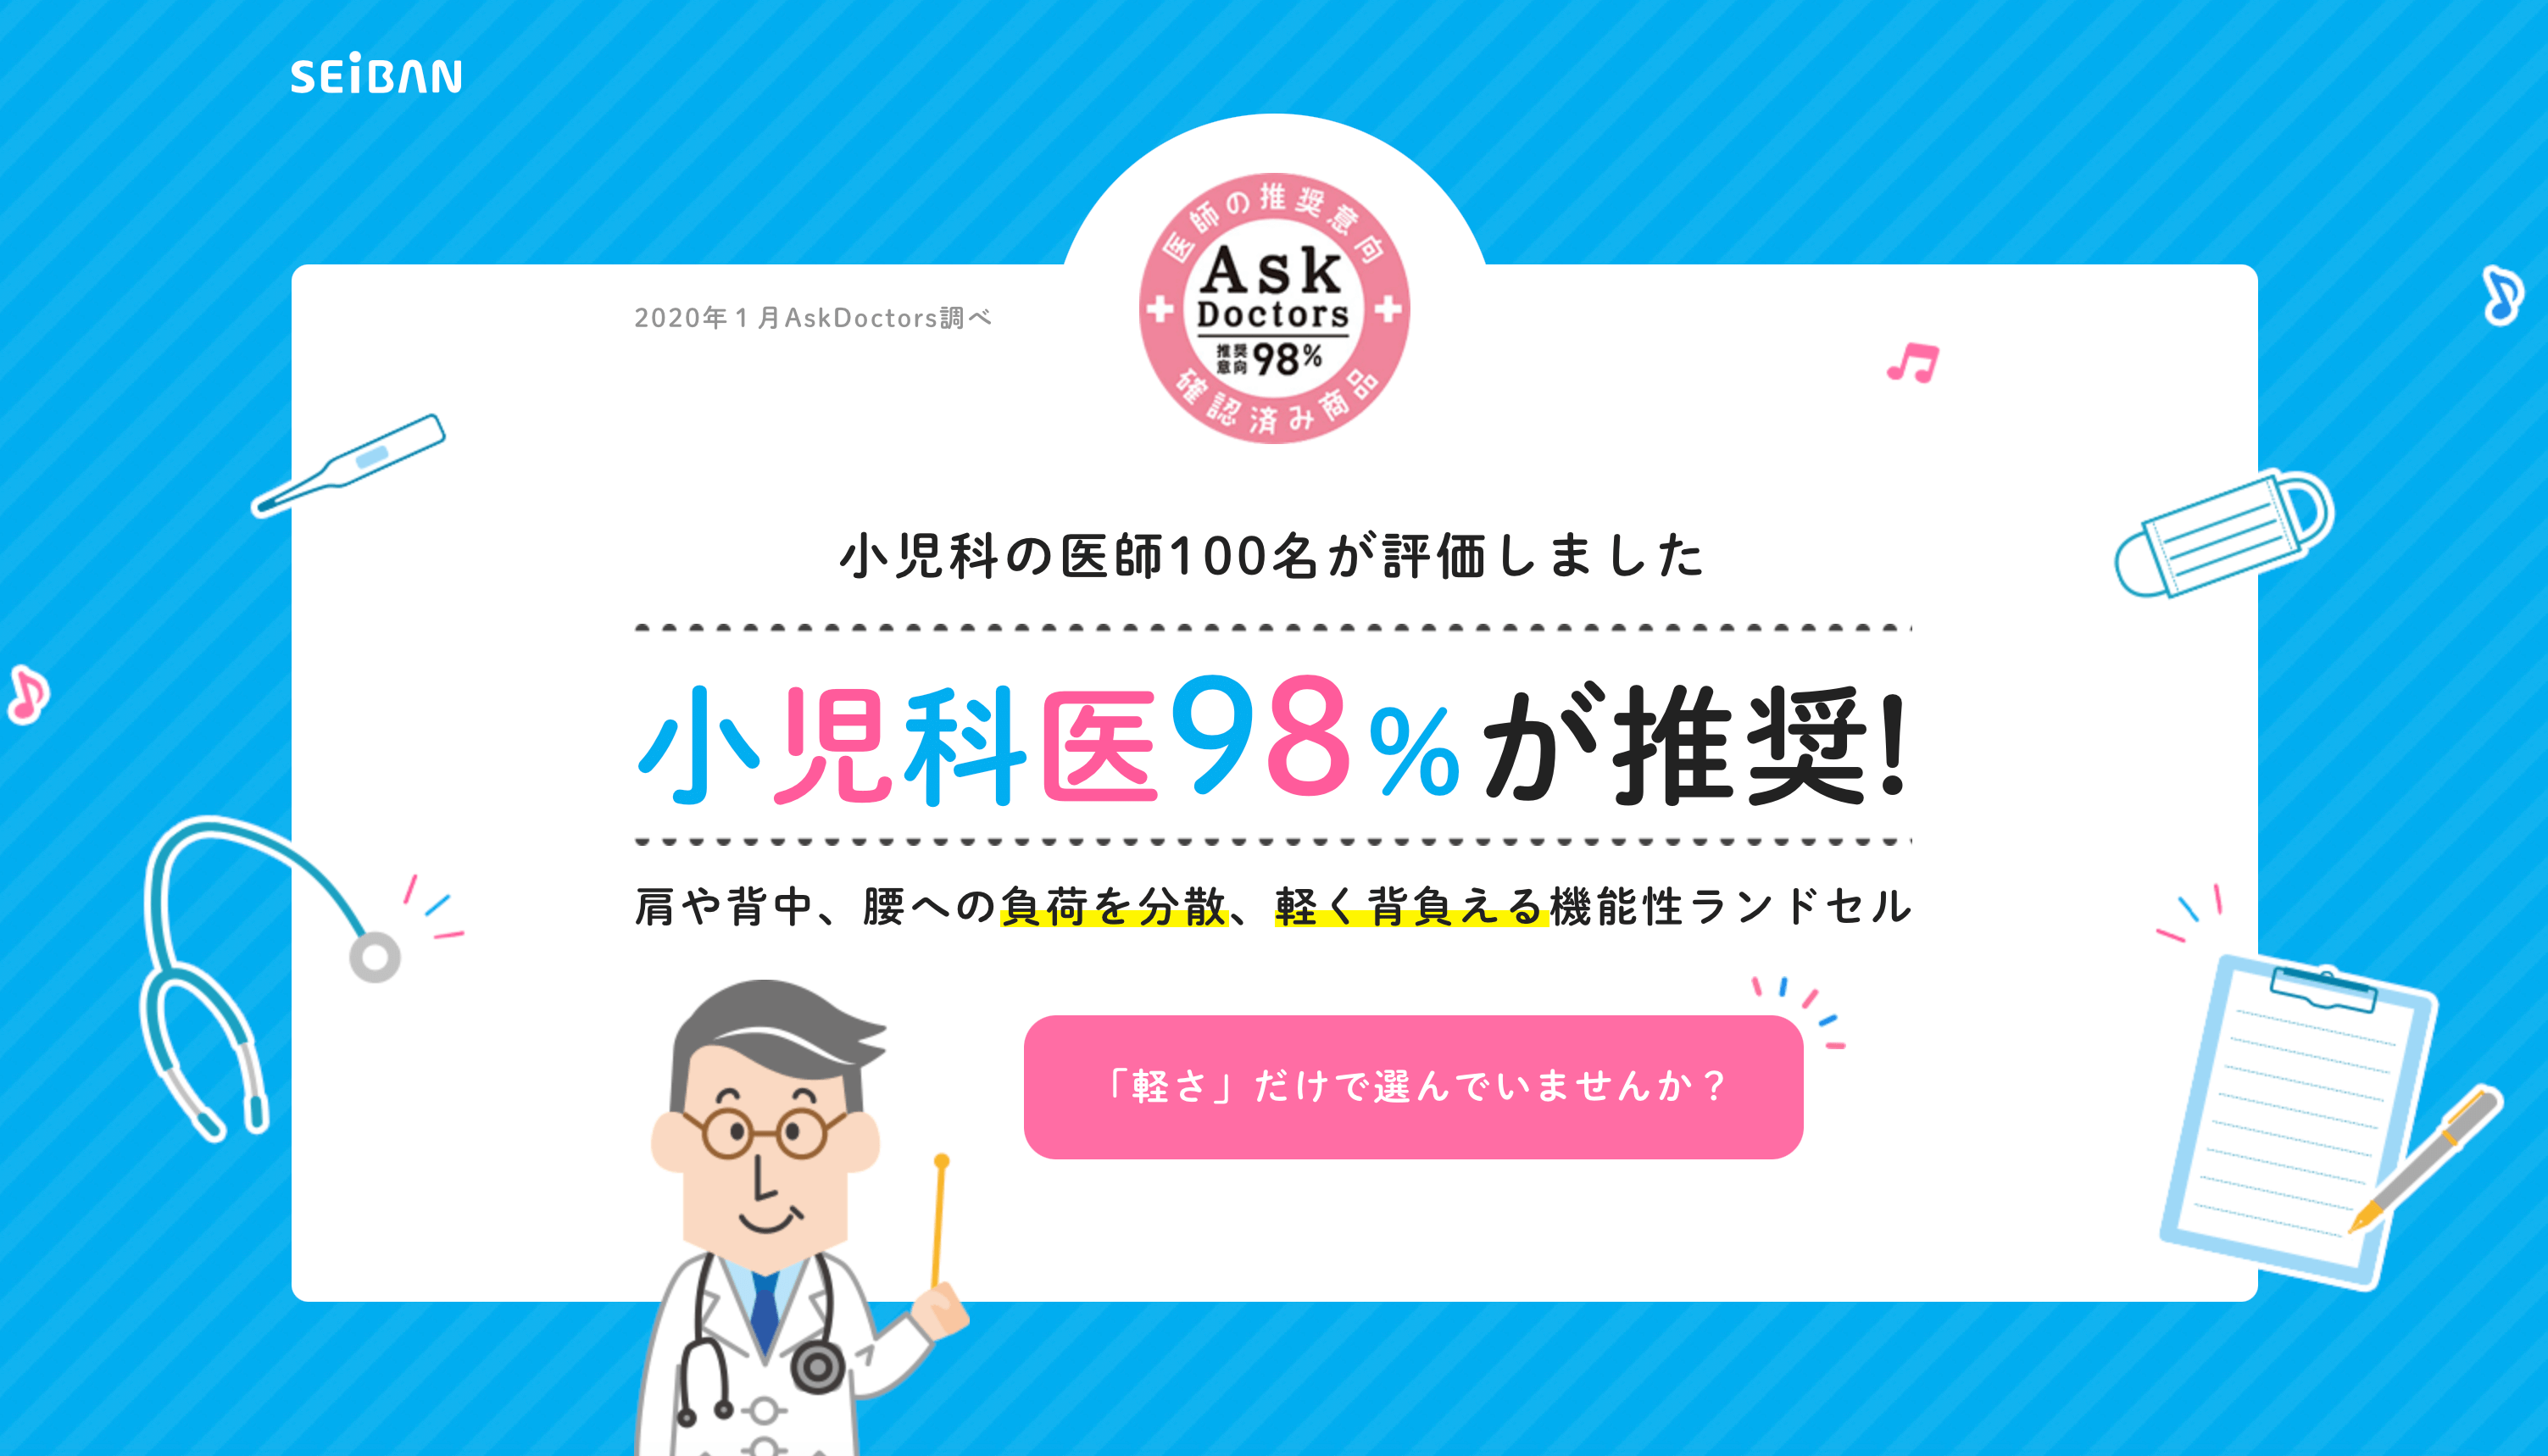 医師の推奨